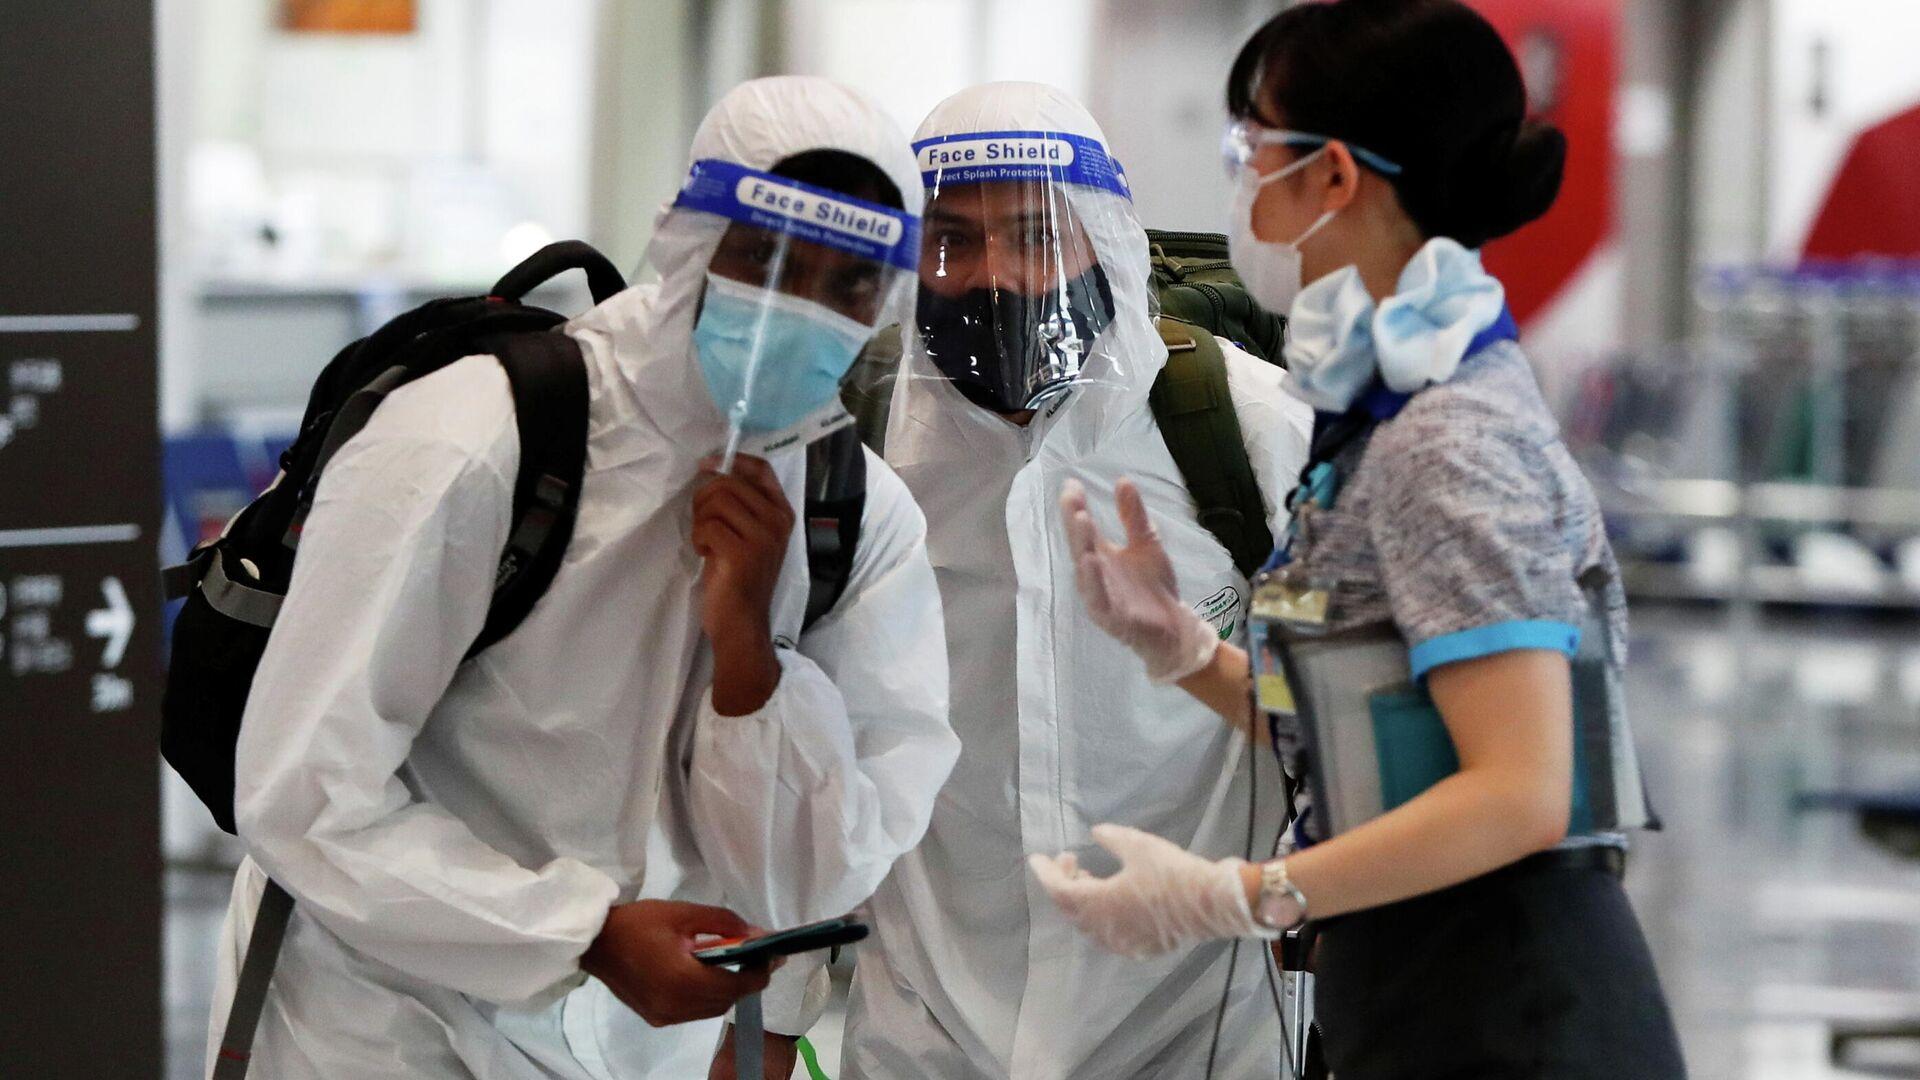 Unos pasajeros con mascarillas de protección en un aeropuerto de Japón - Sputnik Mundo, 1920, 09.06.2021